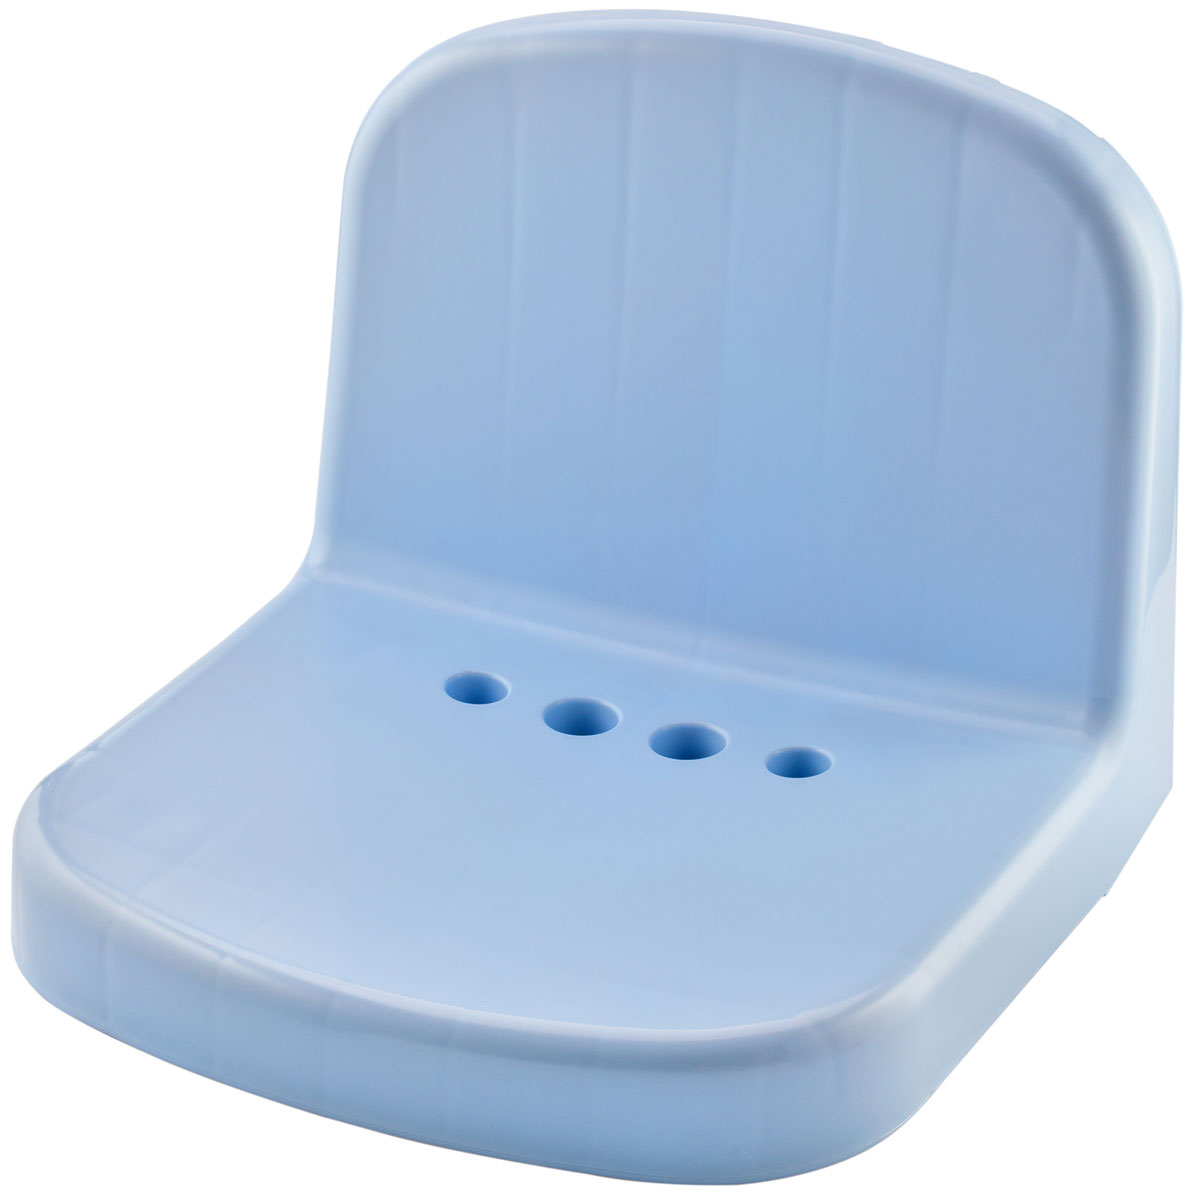 Сиденье для душевой кабины Berossi Molly, цвет: голубой, 35 х 36 х 30 смАС 23408000Сиденье для душевой кабины Berossi Molly используется в бане, у бассейна, на балконе или в ванной комнате.Этот аксессуар способен повысить уровень комфорта во много раз. В душевой он будет необходим людям преклонного возраста или с ограниченными возможностями. Оценят его и женщины, ведь делать маникюр или педикюр, сидя на таком стульчике, намного удобнее. Среди прочих достоинств: отверстия округлой формы в основании сиденья для оттока воды;пластик, из которого выполнено изделие, моментально прогревается, быстро высыхает и не ржавеет от воздействия влаги; специальная обработка поверхности сиденья предотвращает скольжение на нем даже при значительном уровне влажности; спинка позволяет избежать контакта с холодной стеной и комфортом расслабиться, давая отдых спине; монолитная конструкция с отсутствием стыков упрощает уход за изделием, которое легко моется стандартными моющими средствами. Сиденья Molly выполнены из высококачественного пластика, выдерживающего нагрузку до 150 кг. В комплект входит инструкция на этикетке и все необходимые шурупы и дюбели для надежной фиксации изделия к стене.Уважаемые клиенты!Обращаем ваше внимание на цвет изделия на дополнительных фото. Цвет товара по факту соответствует первому фото и информации в описании. Дополнительные фото служат для визуального восприятия товара.